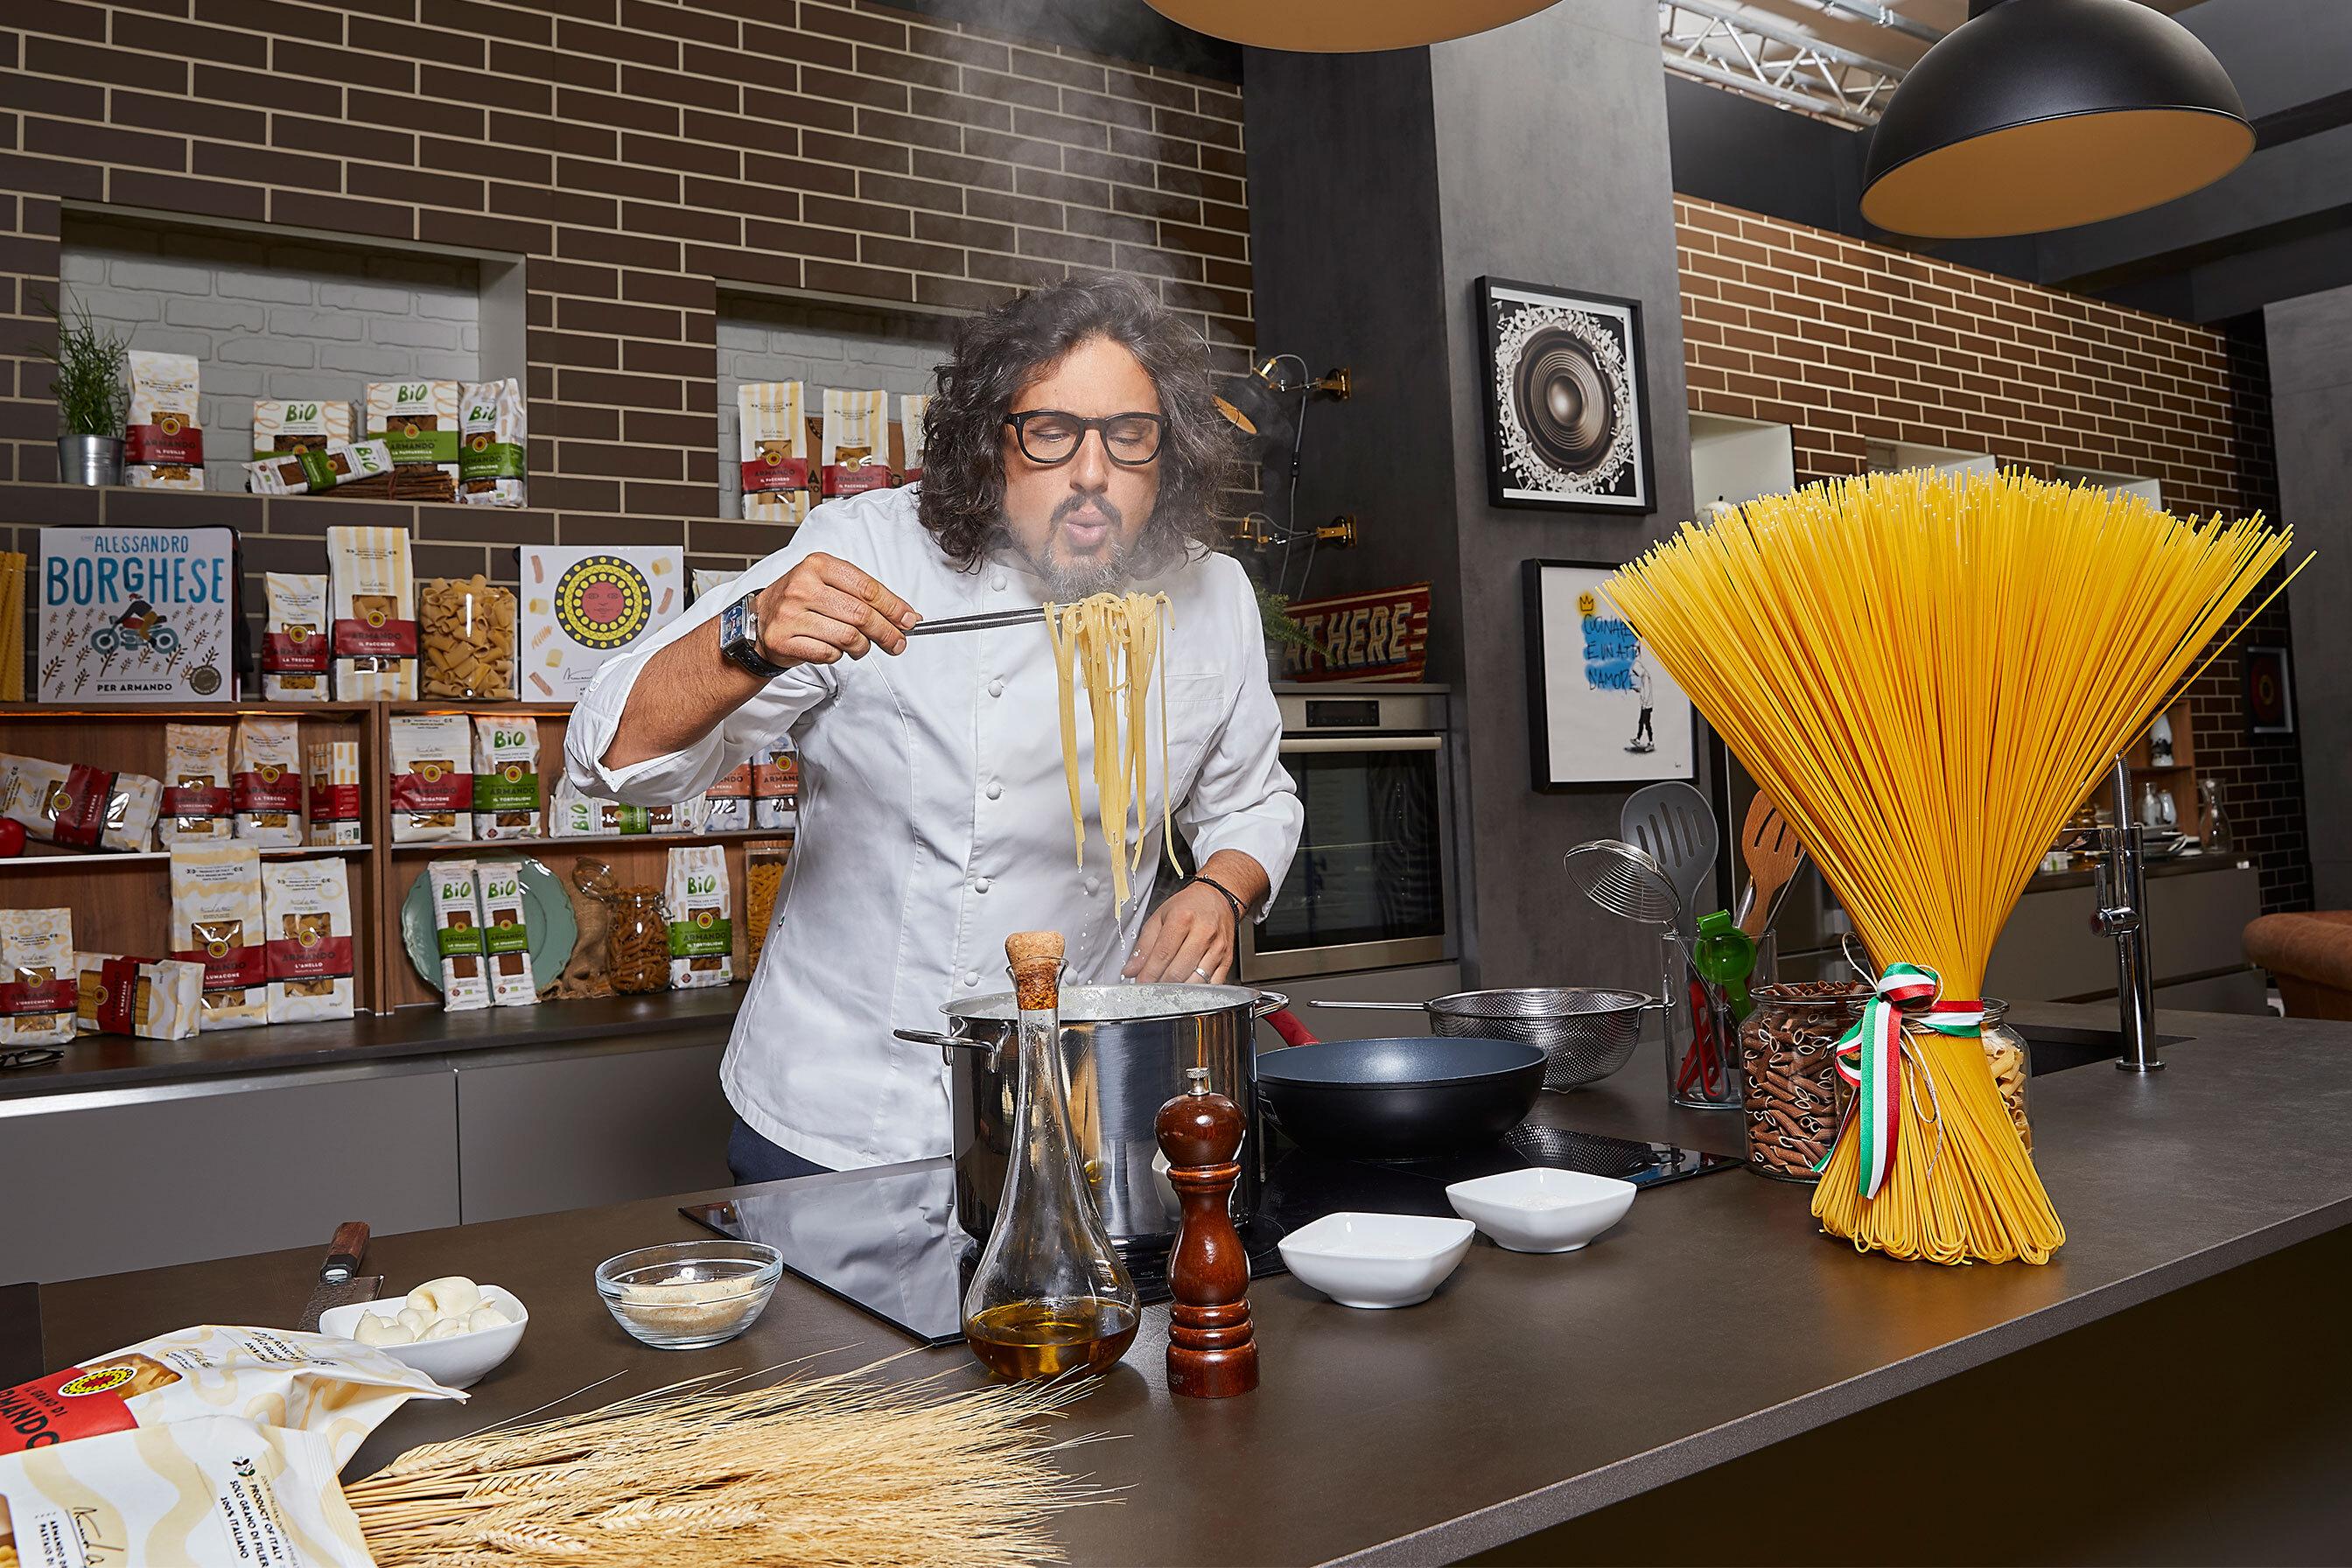 È arrivata una grossa novità: lo Spaghettone Armando ideato in collaborazione con Chef Alessandro Borghese